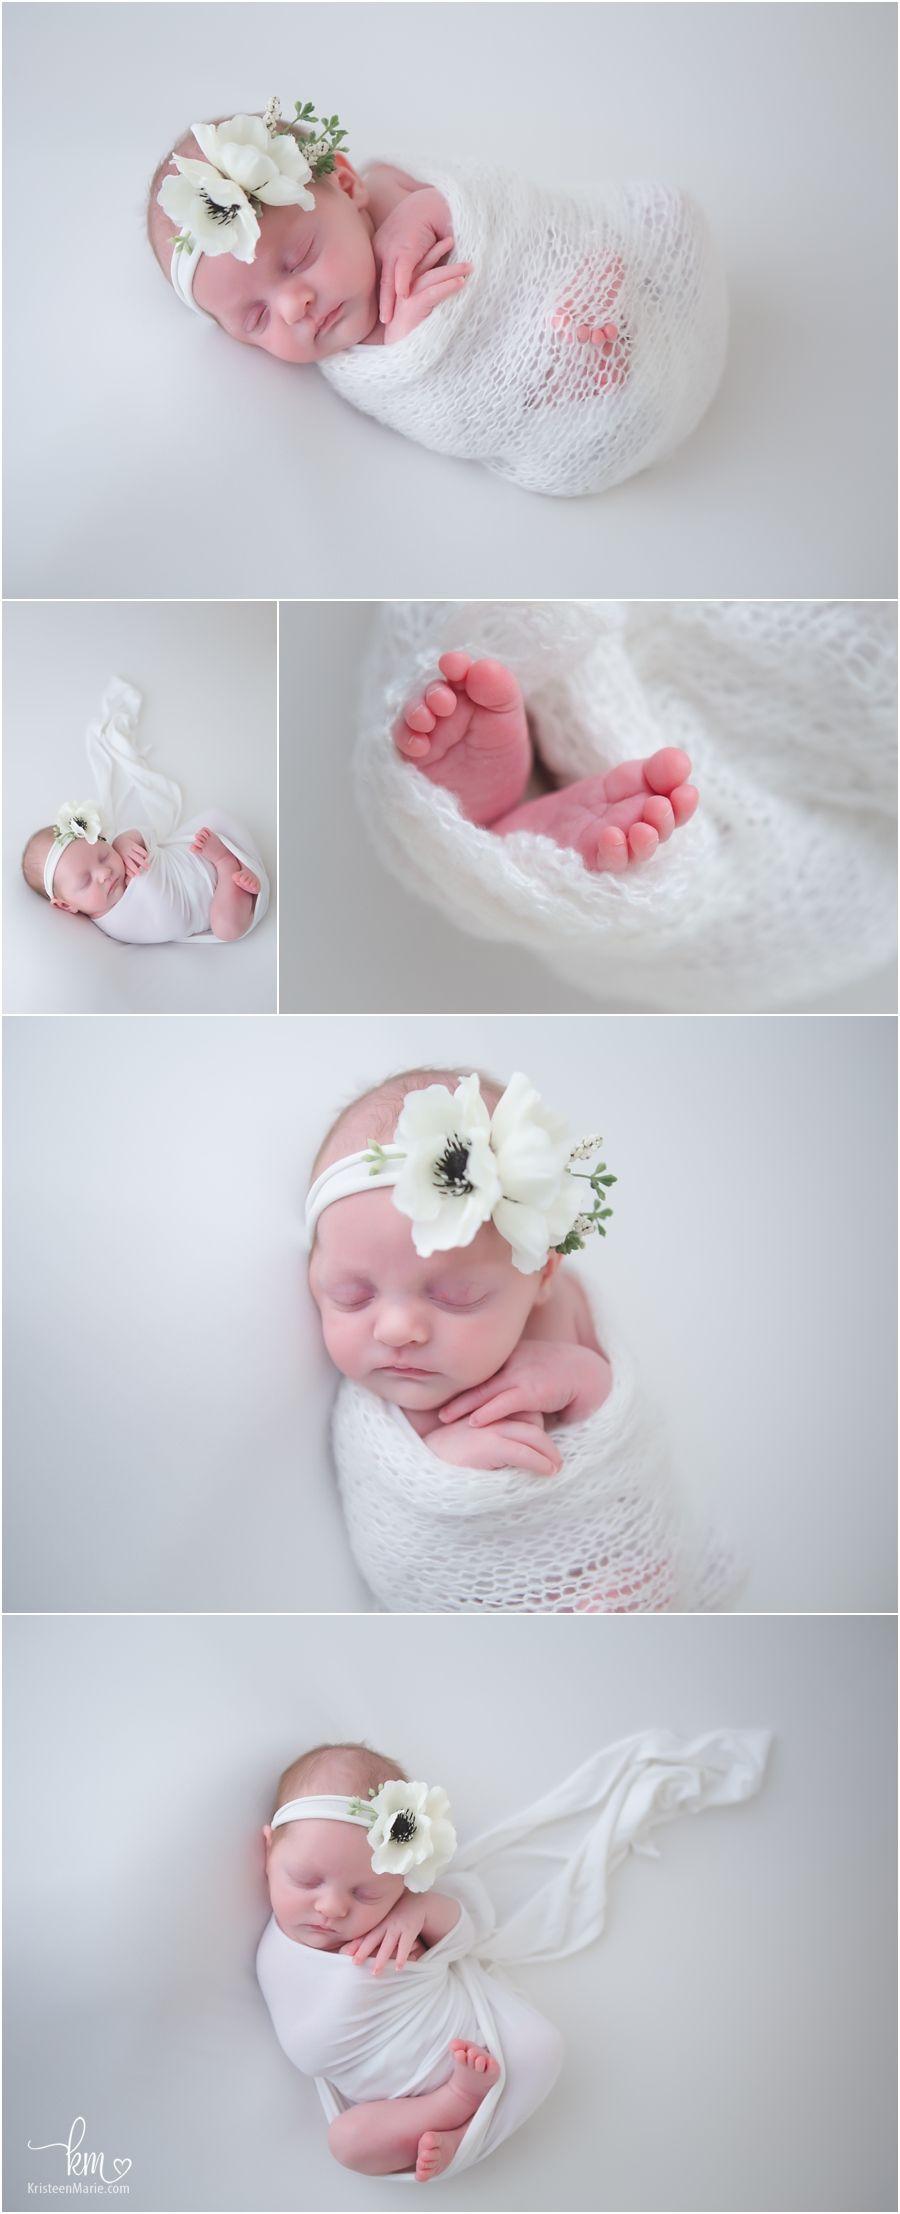 f3f64205cdde6 newborn baby in white - white newborn pictures - sleeping little ...